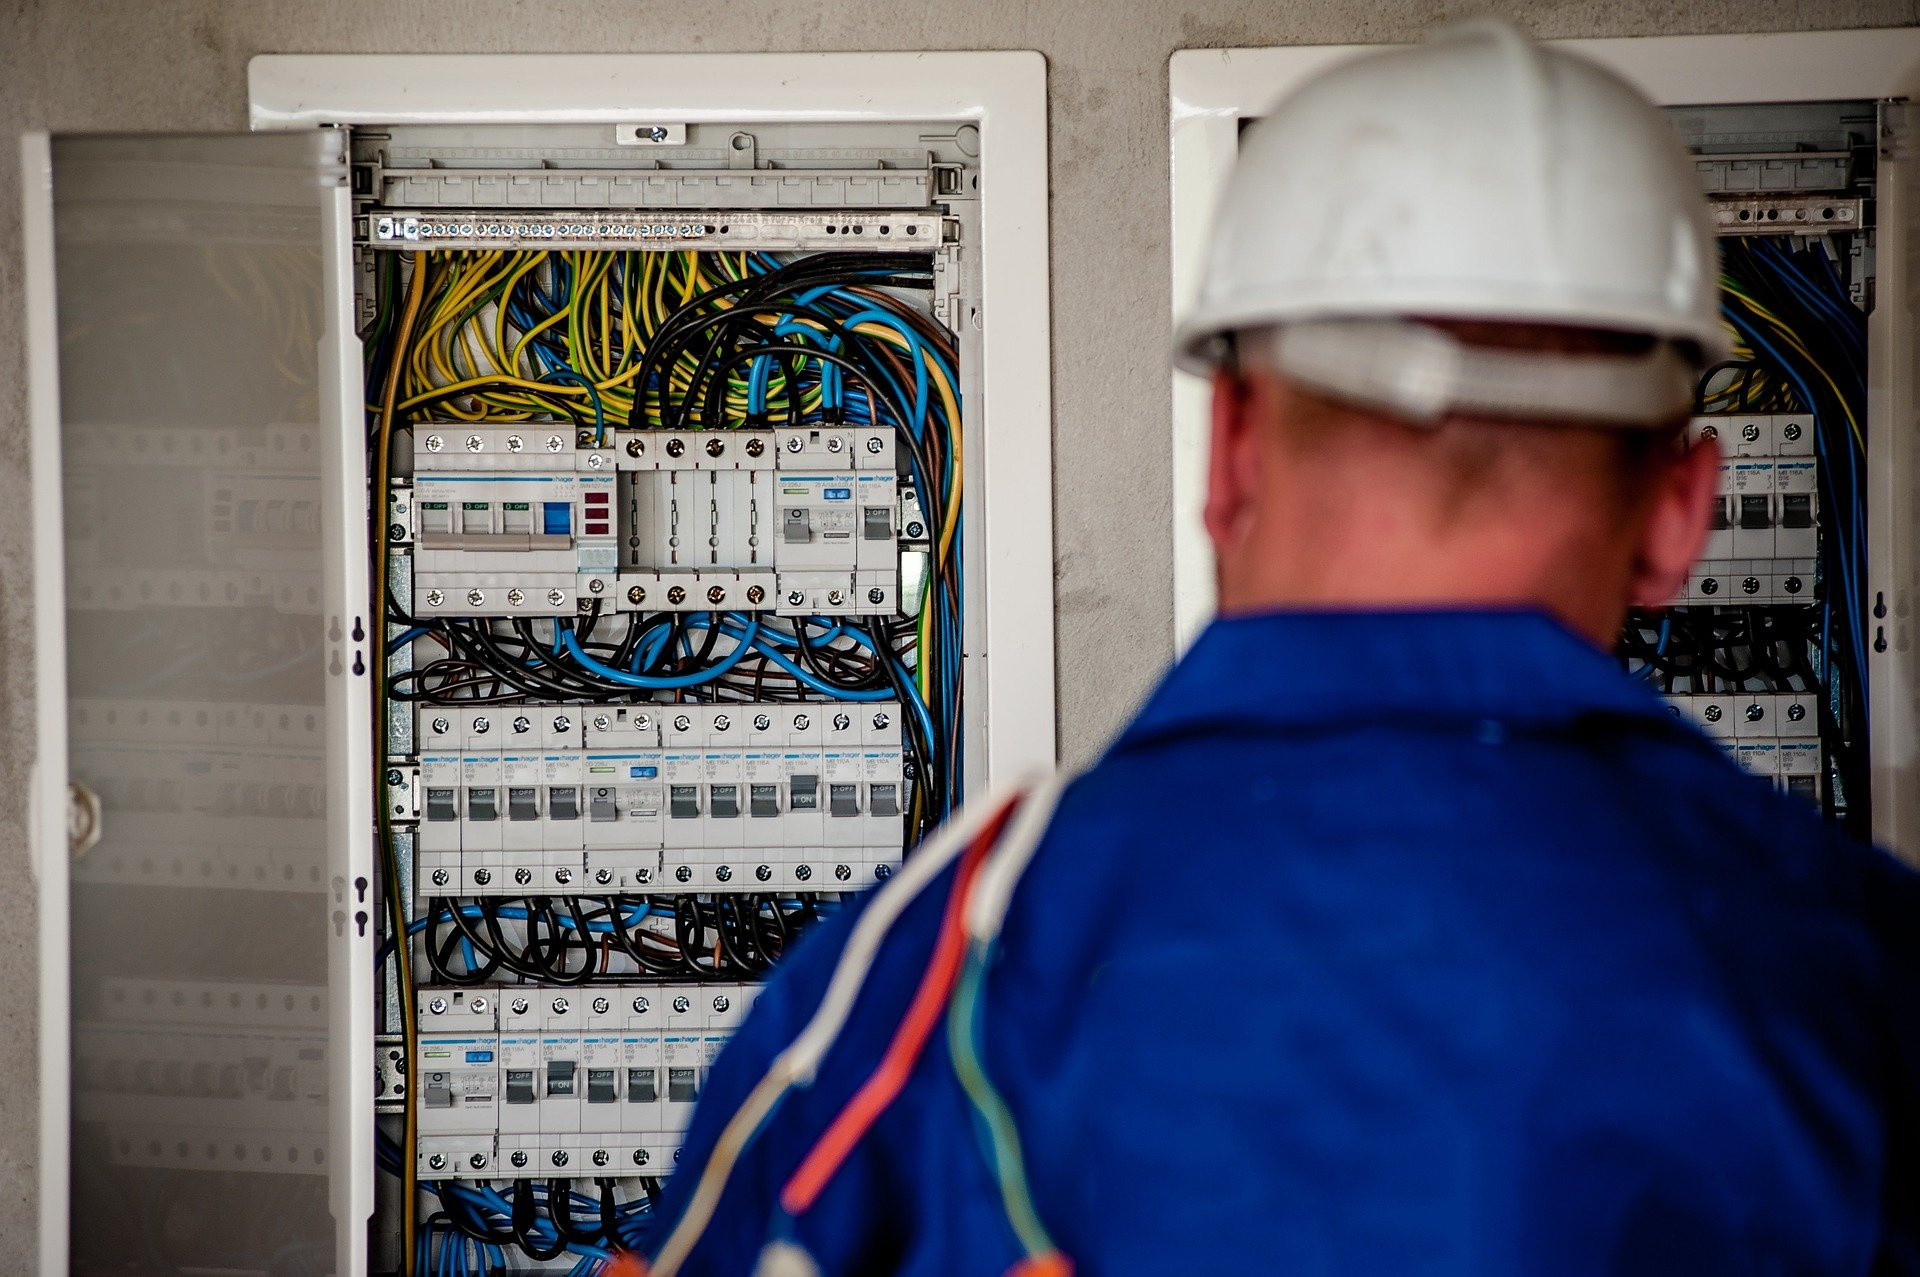 遠隔作業支援・遠隔管理・遠隔観察を安価に提供